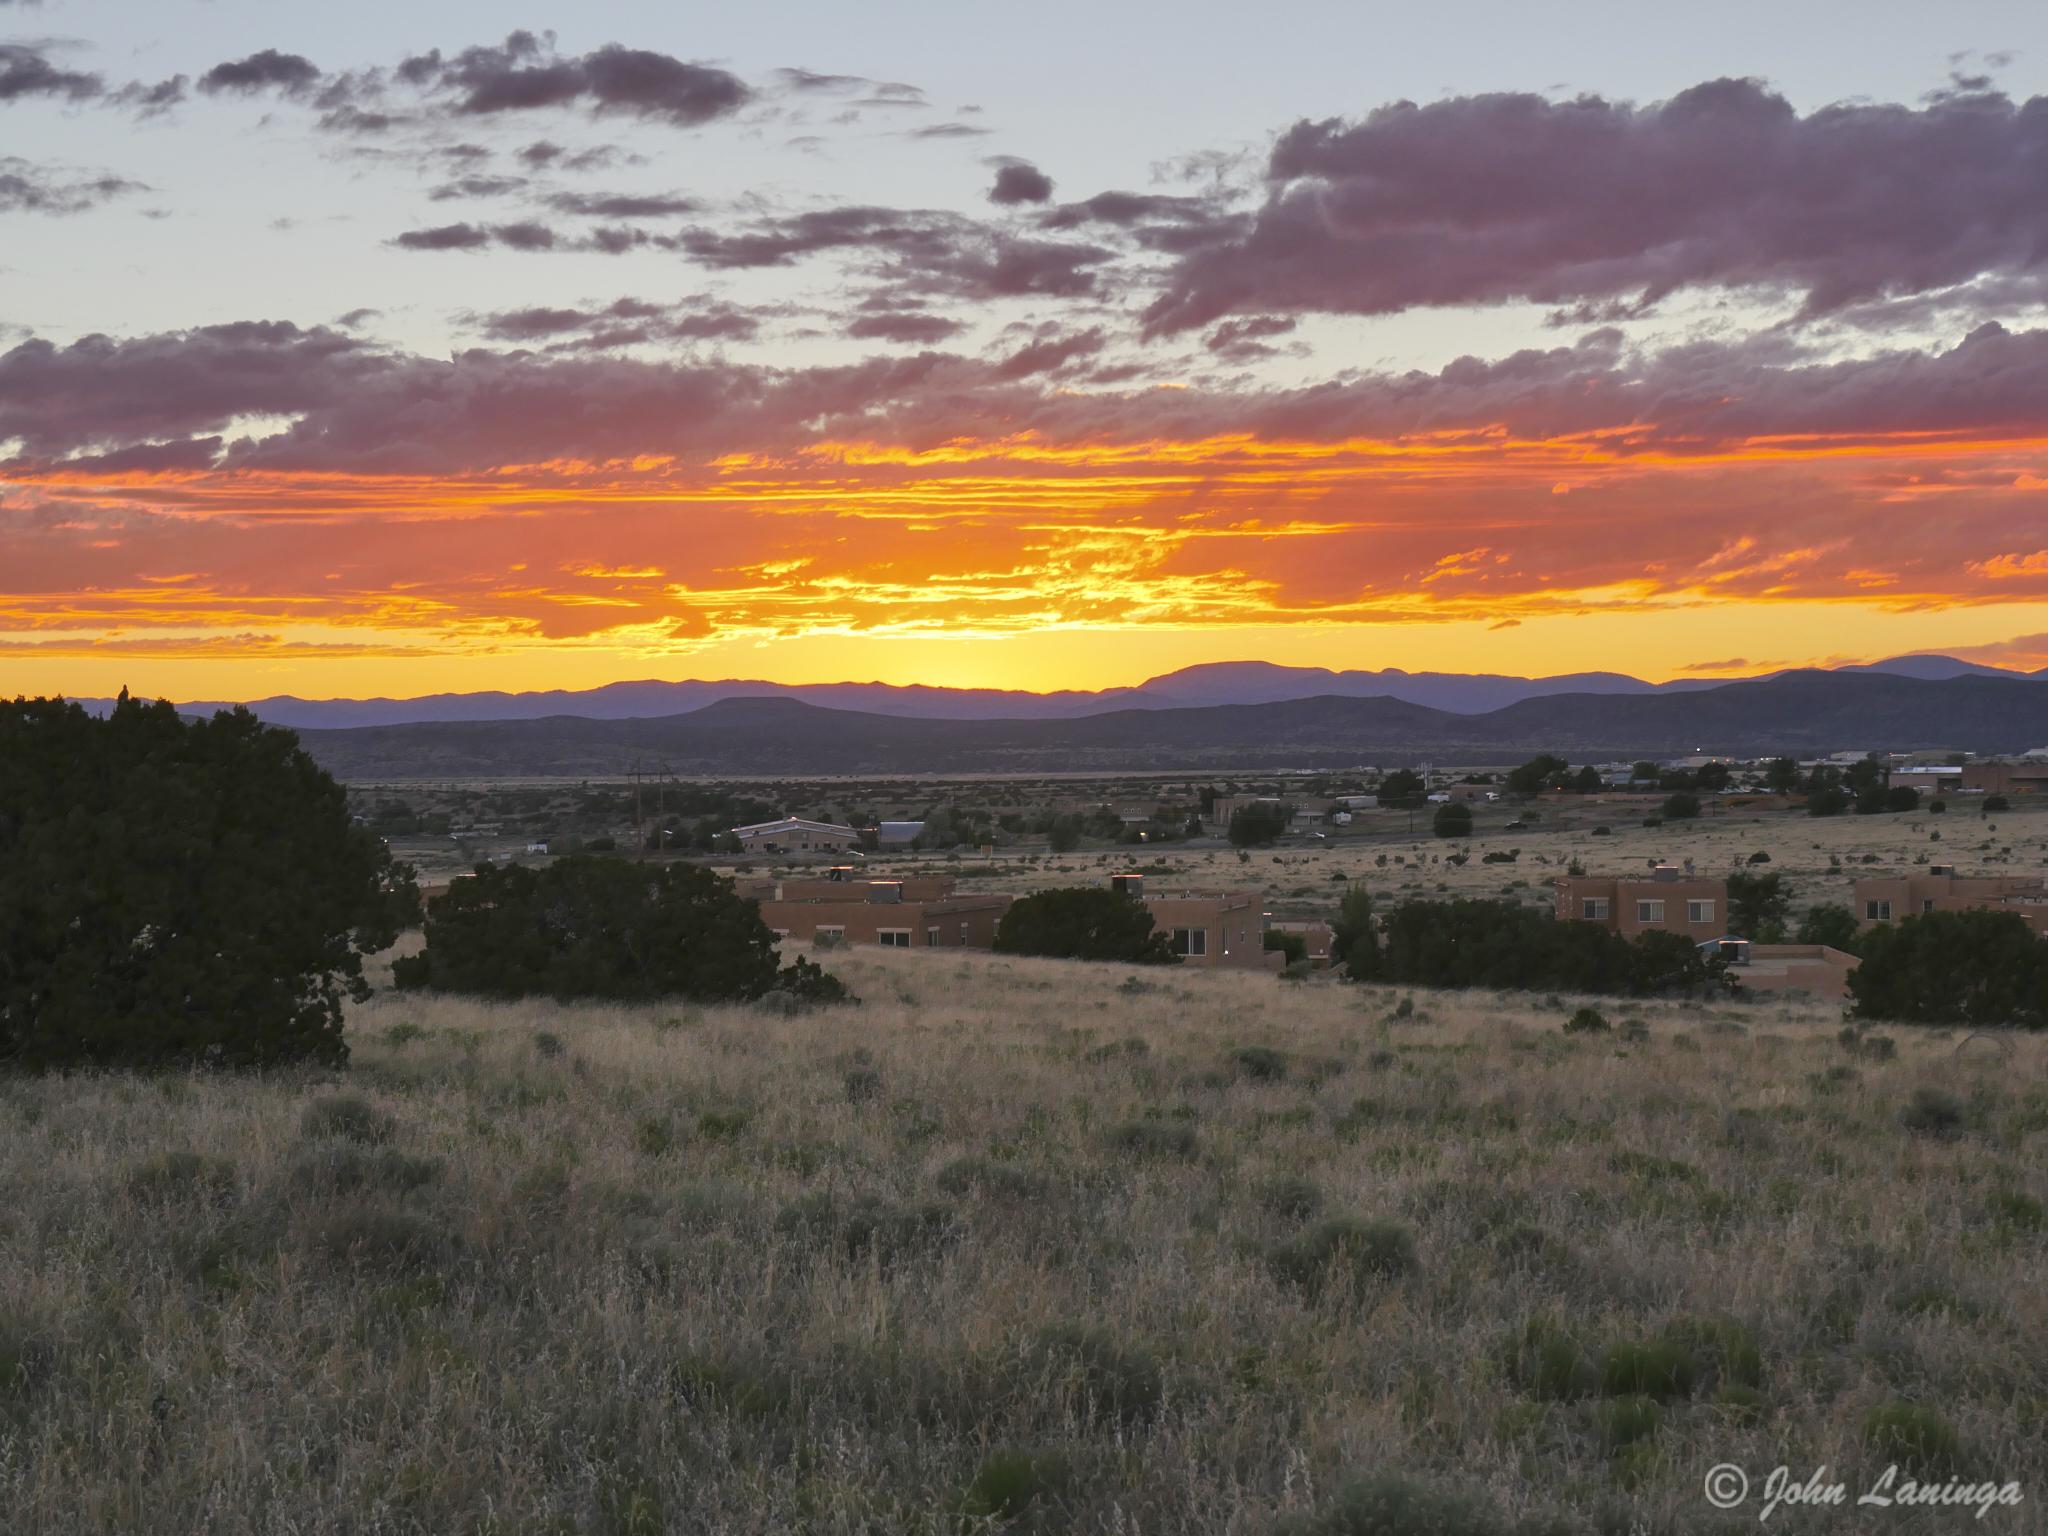 Sunup at Santa Fe